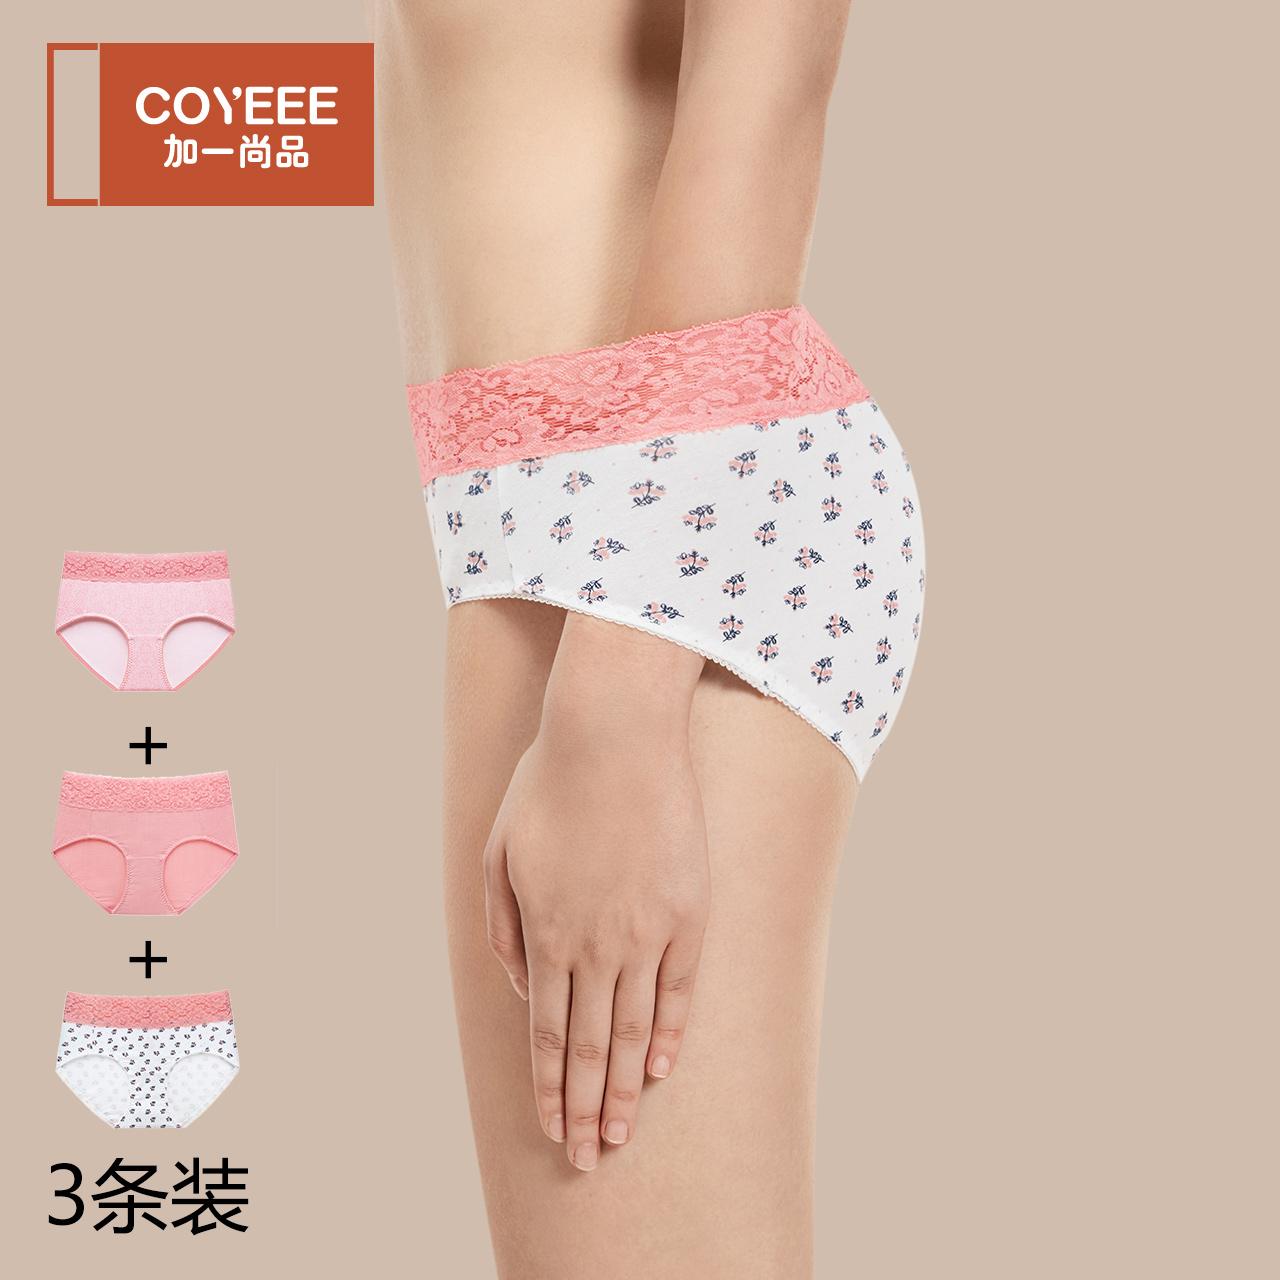 【3条装】尚品加一性感内裤短裤平角女士边中腰小裤棉质蕾丝P25